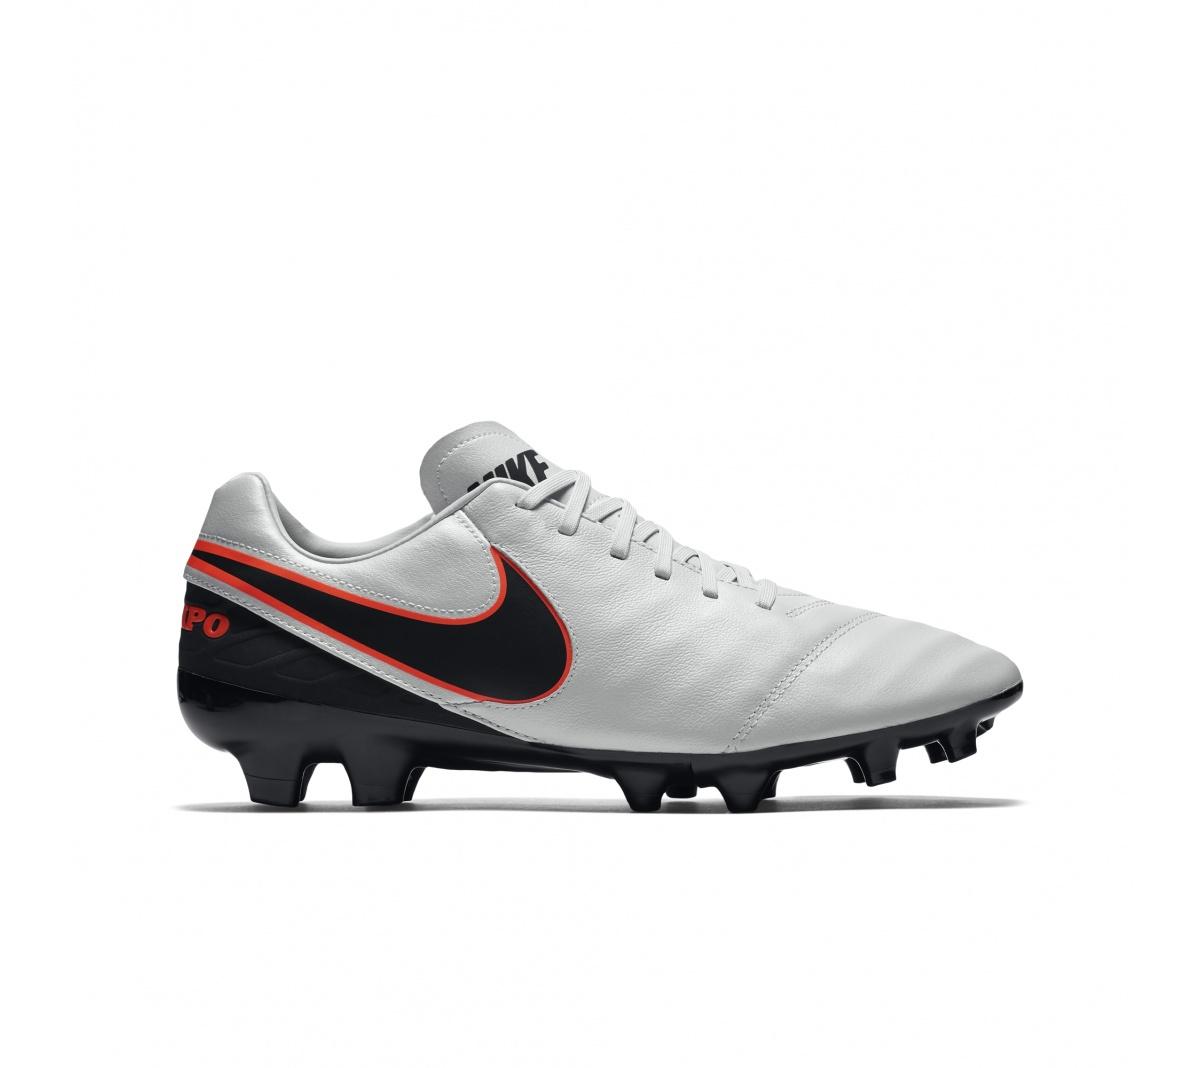 fd2a204a61 Chuteira Nike Tiempo Mystic FG Branco com Preto - Mundo do Futebol